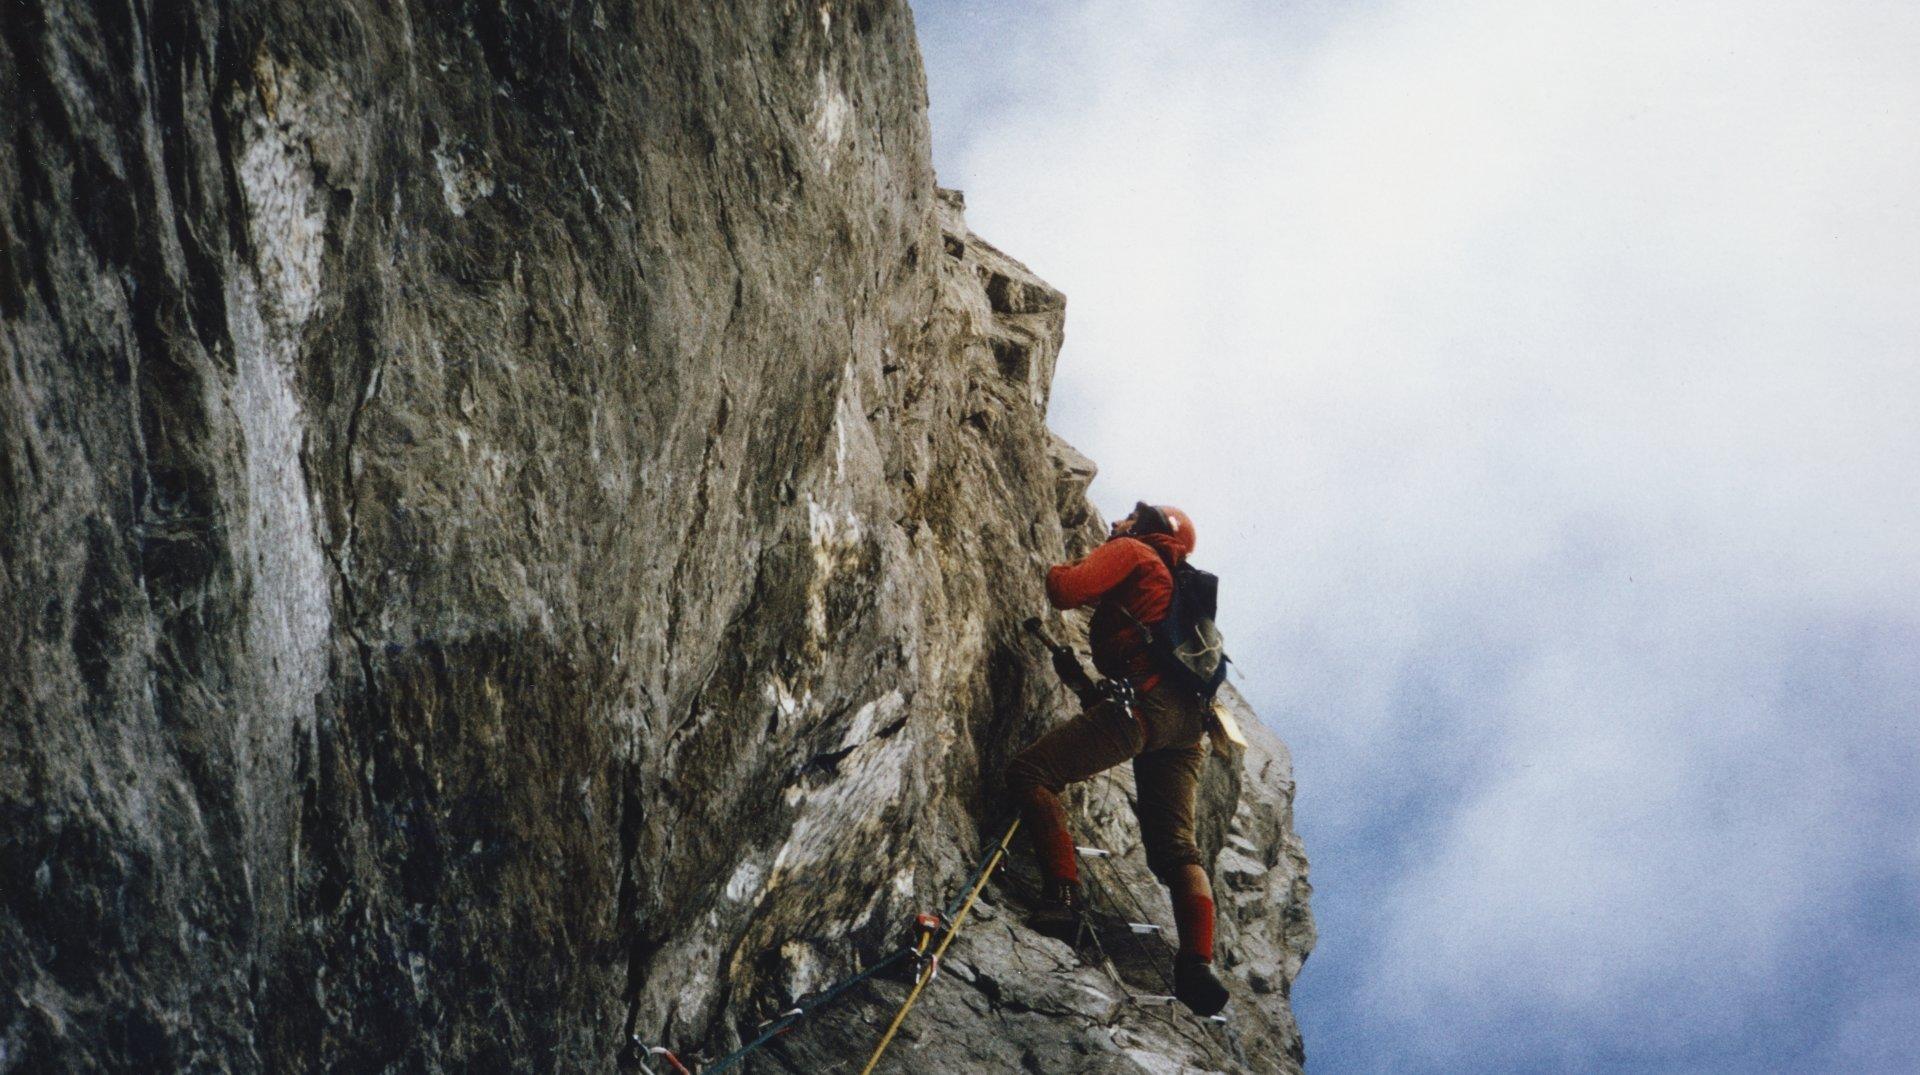 Le Club alpin suisse de Monthey souffle 100 bougies ce samedi à Monthey. L'occasion de montrer l'évolution qu'a connue l'escalade en un siècle.